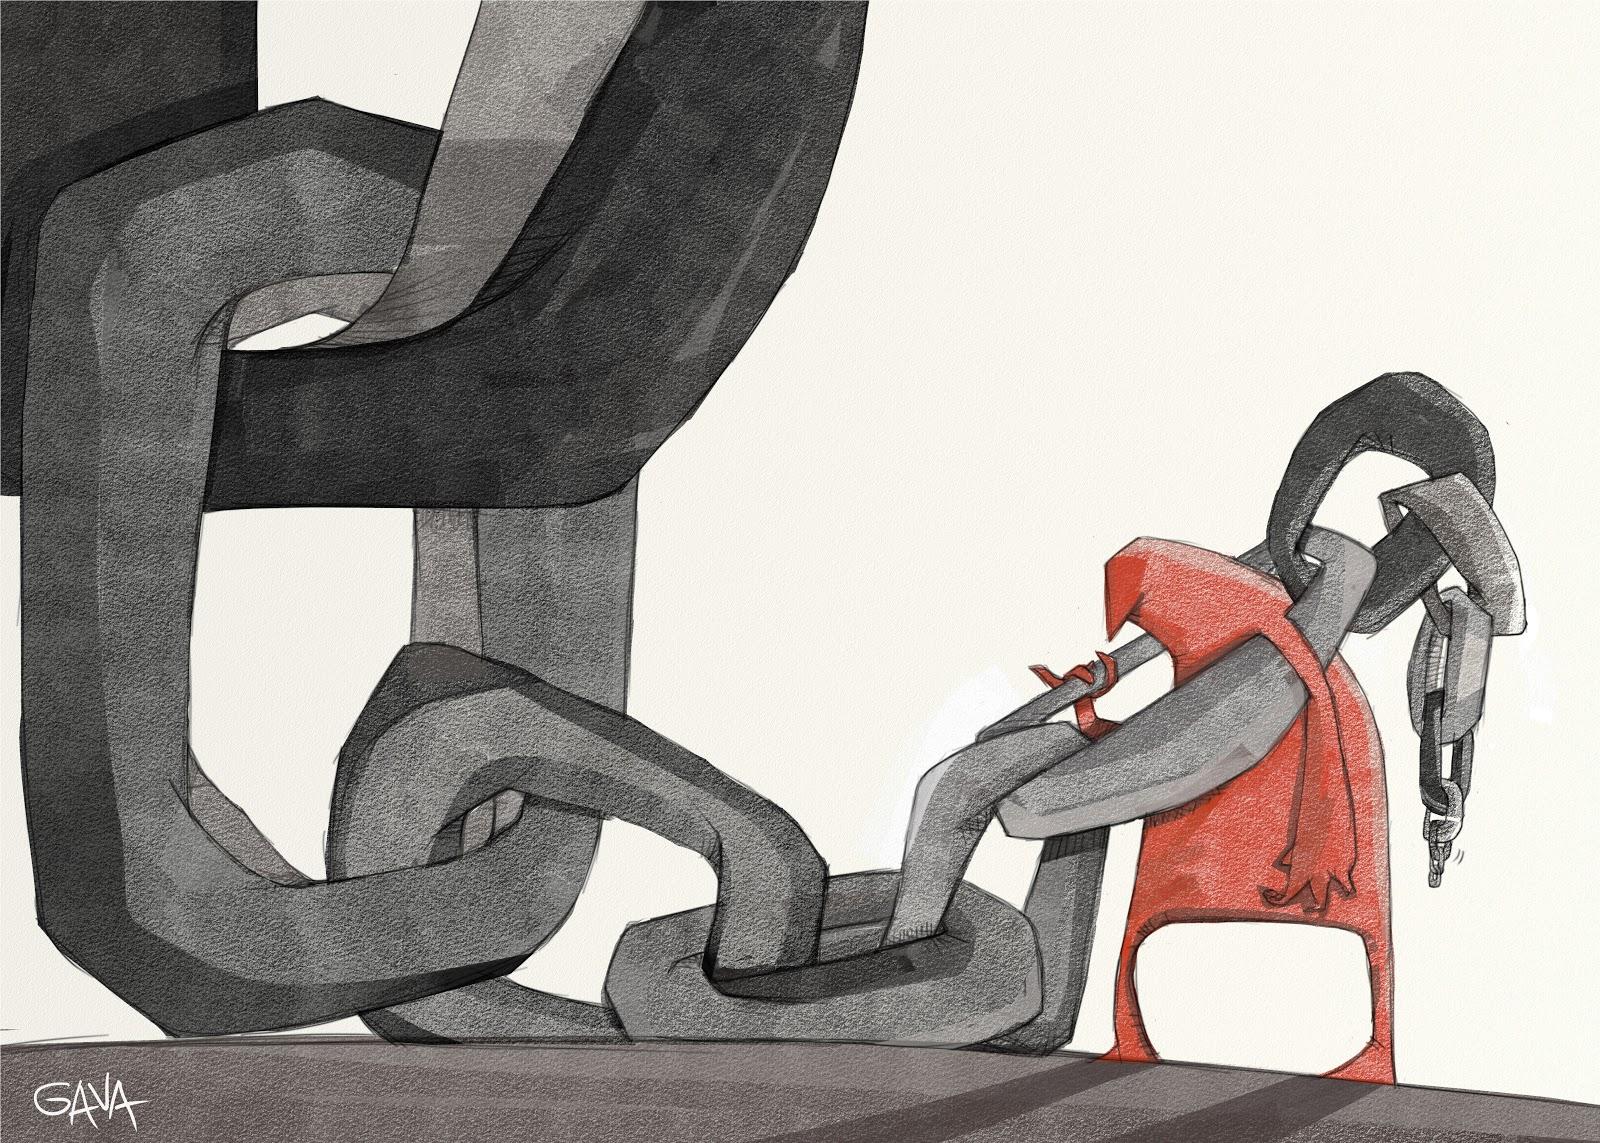 Amore mio sai tu devi stare in pena, che l\'usura è una catena ...